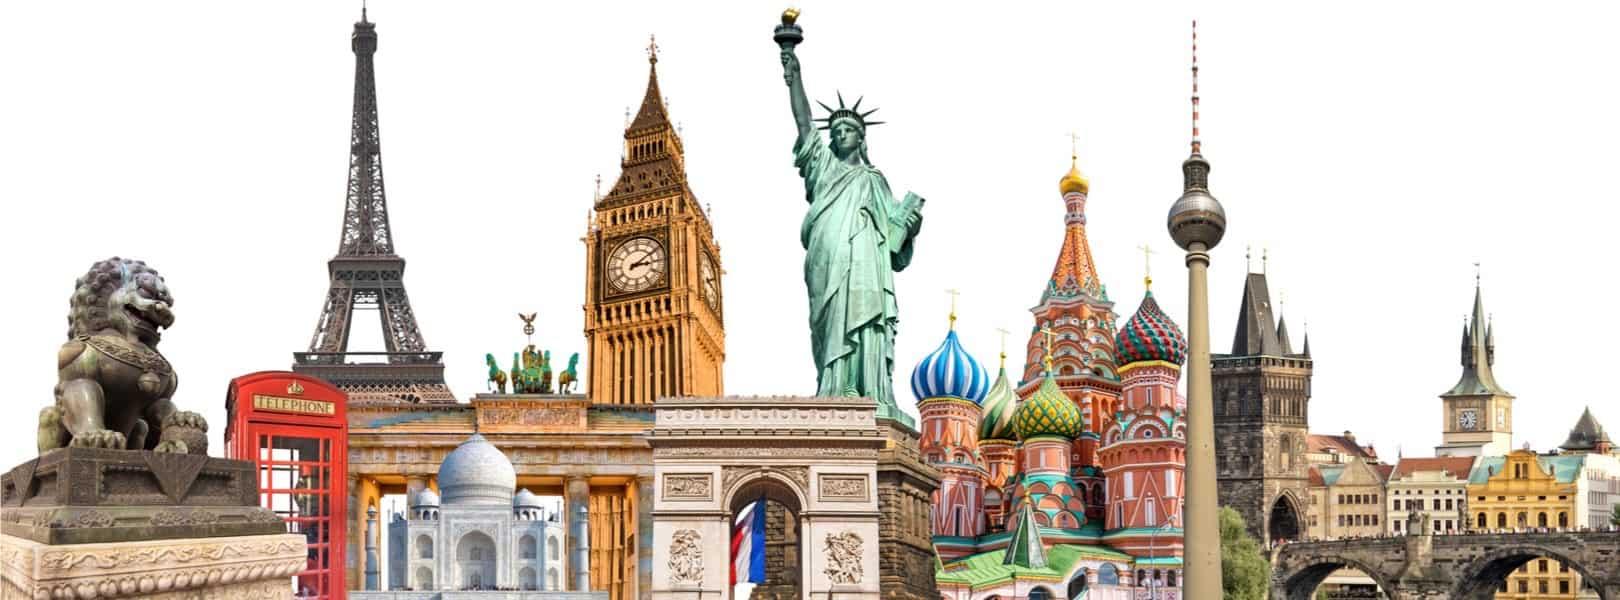 Weltreise - Blick auf die Wahrzeichen der Welt